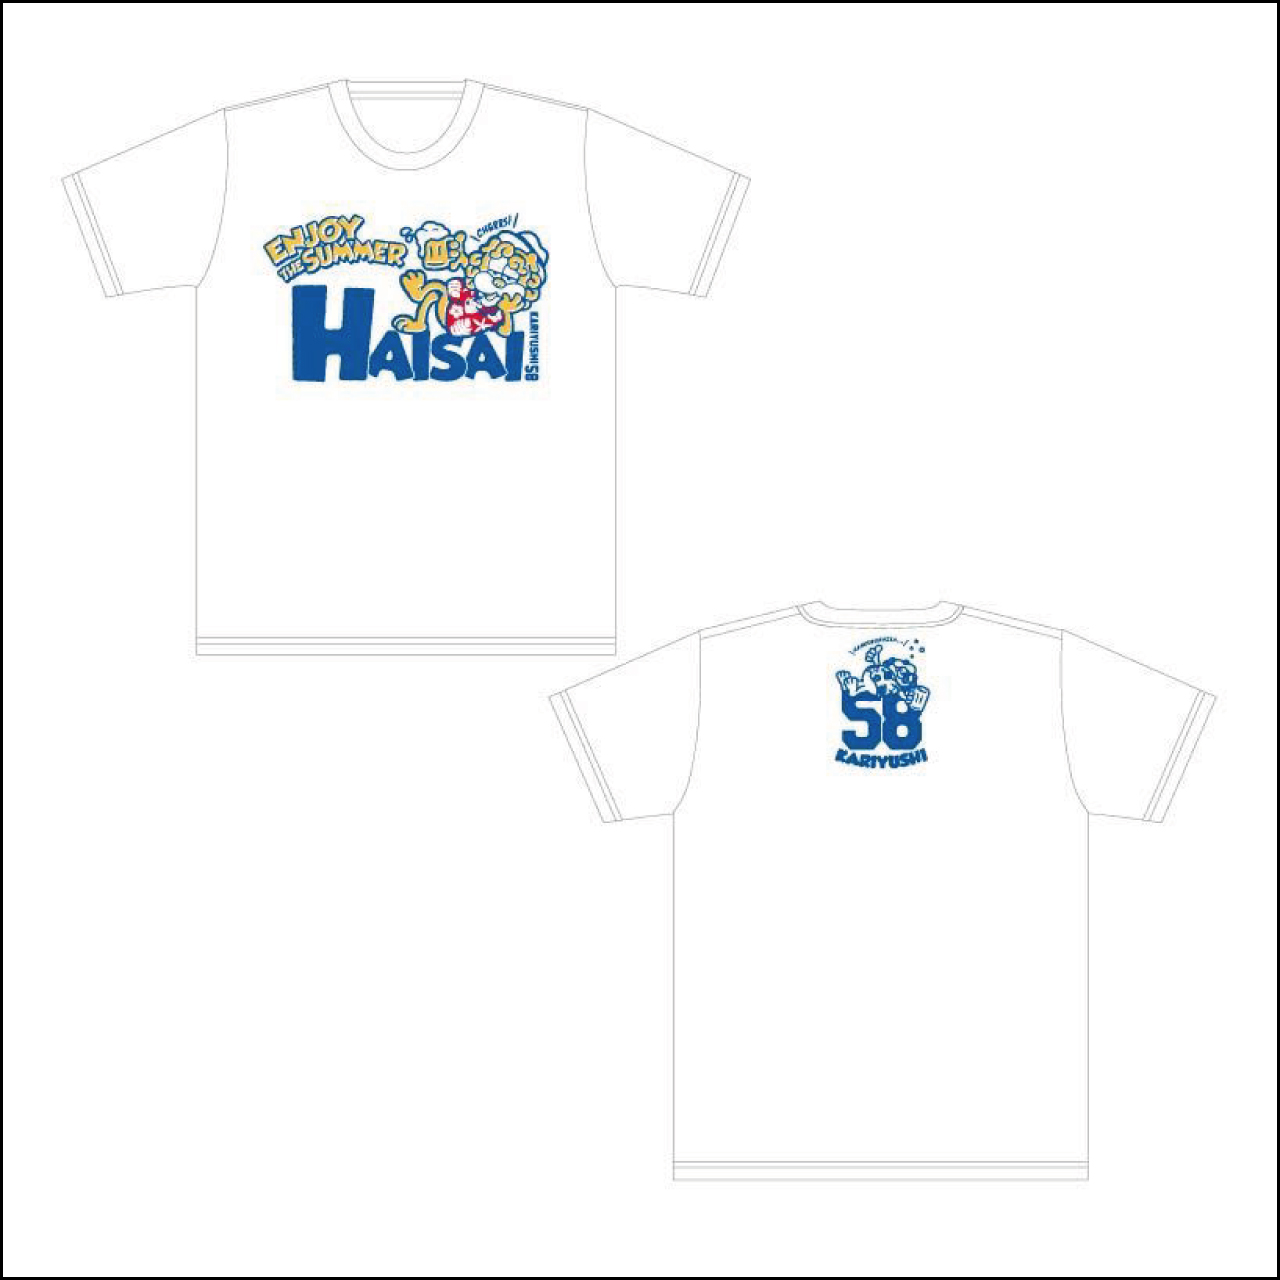 アロハシーサーくんTシャツ